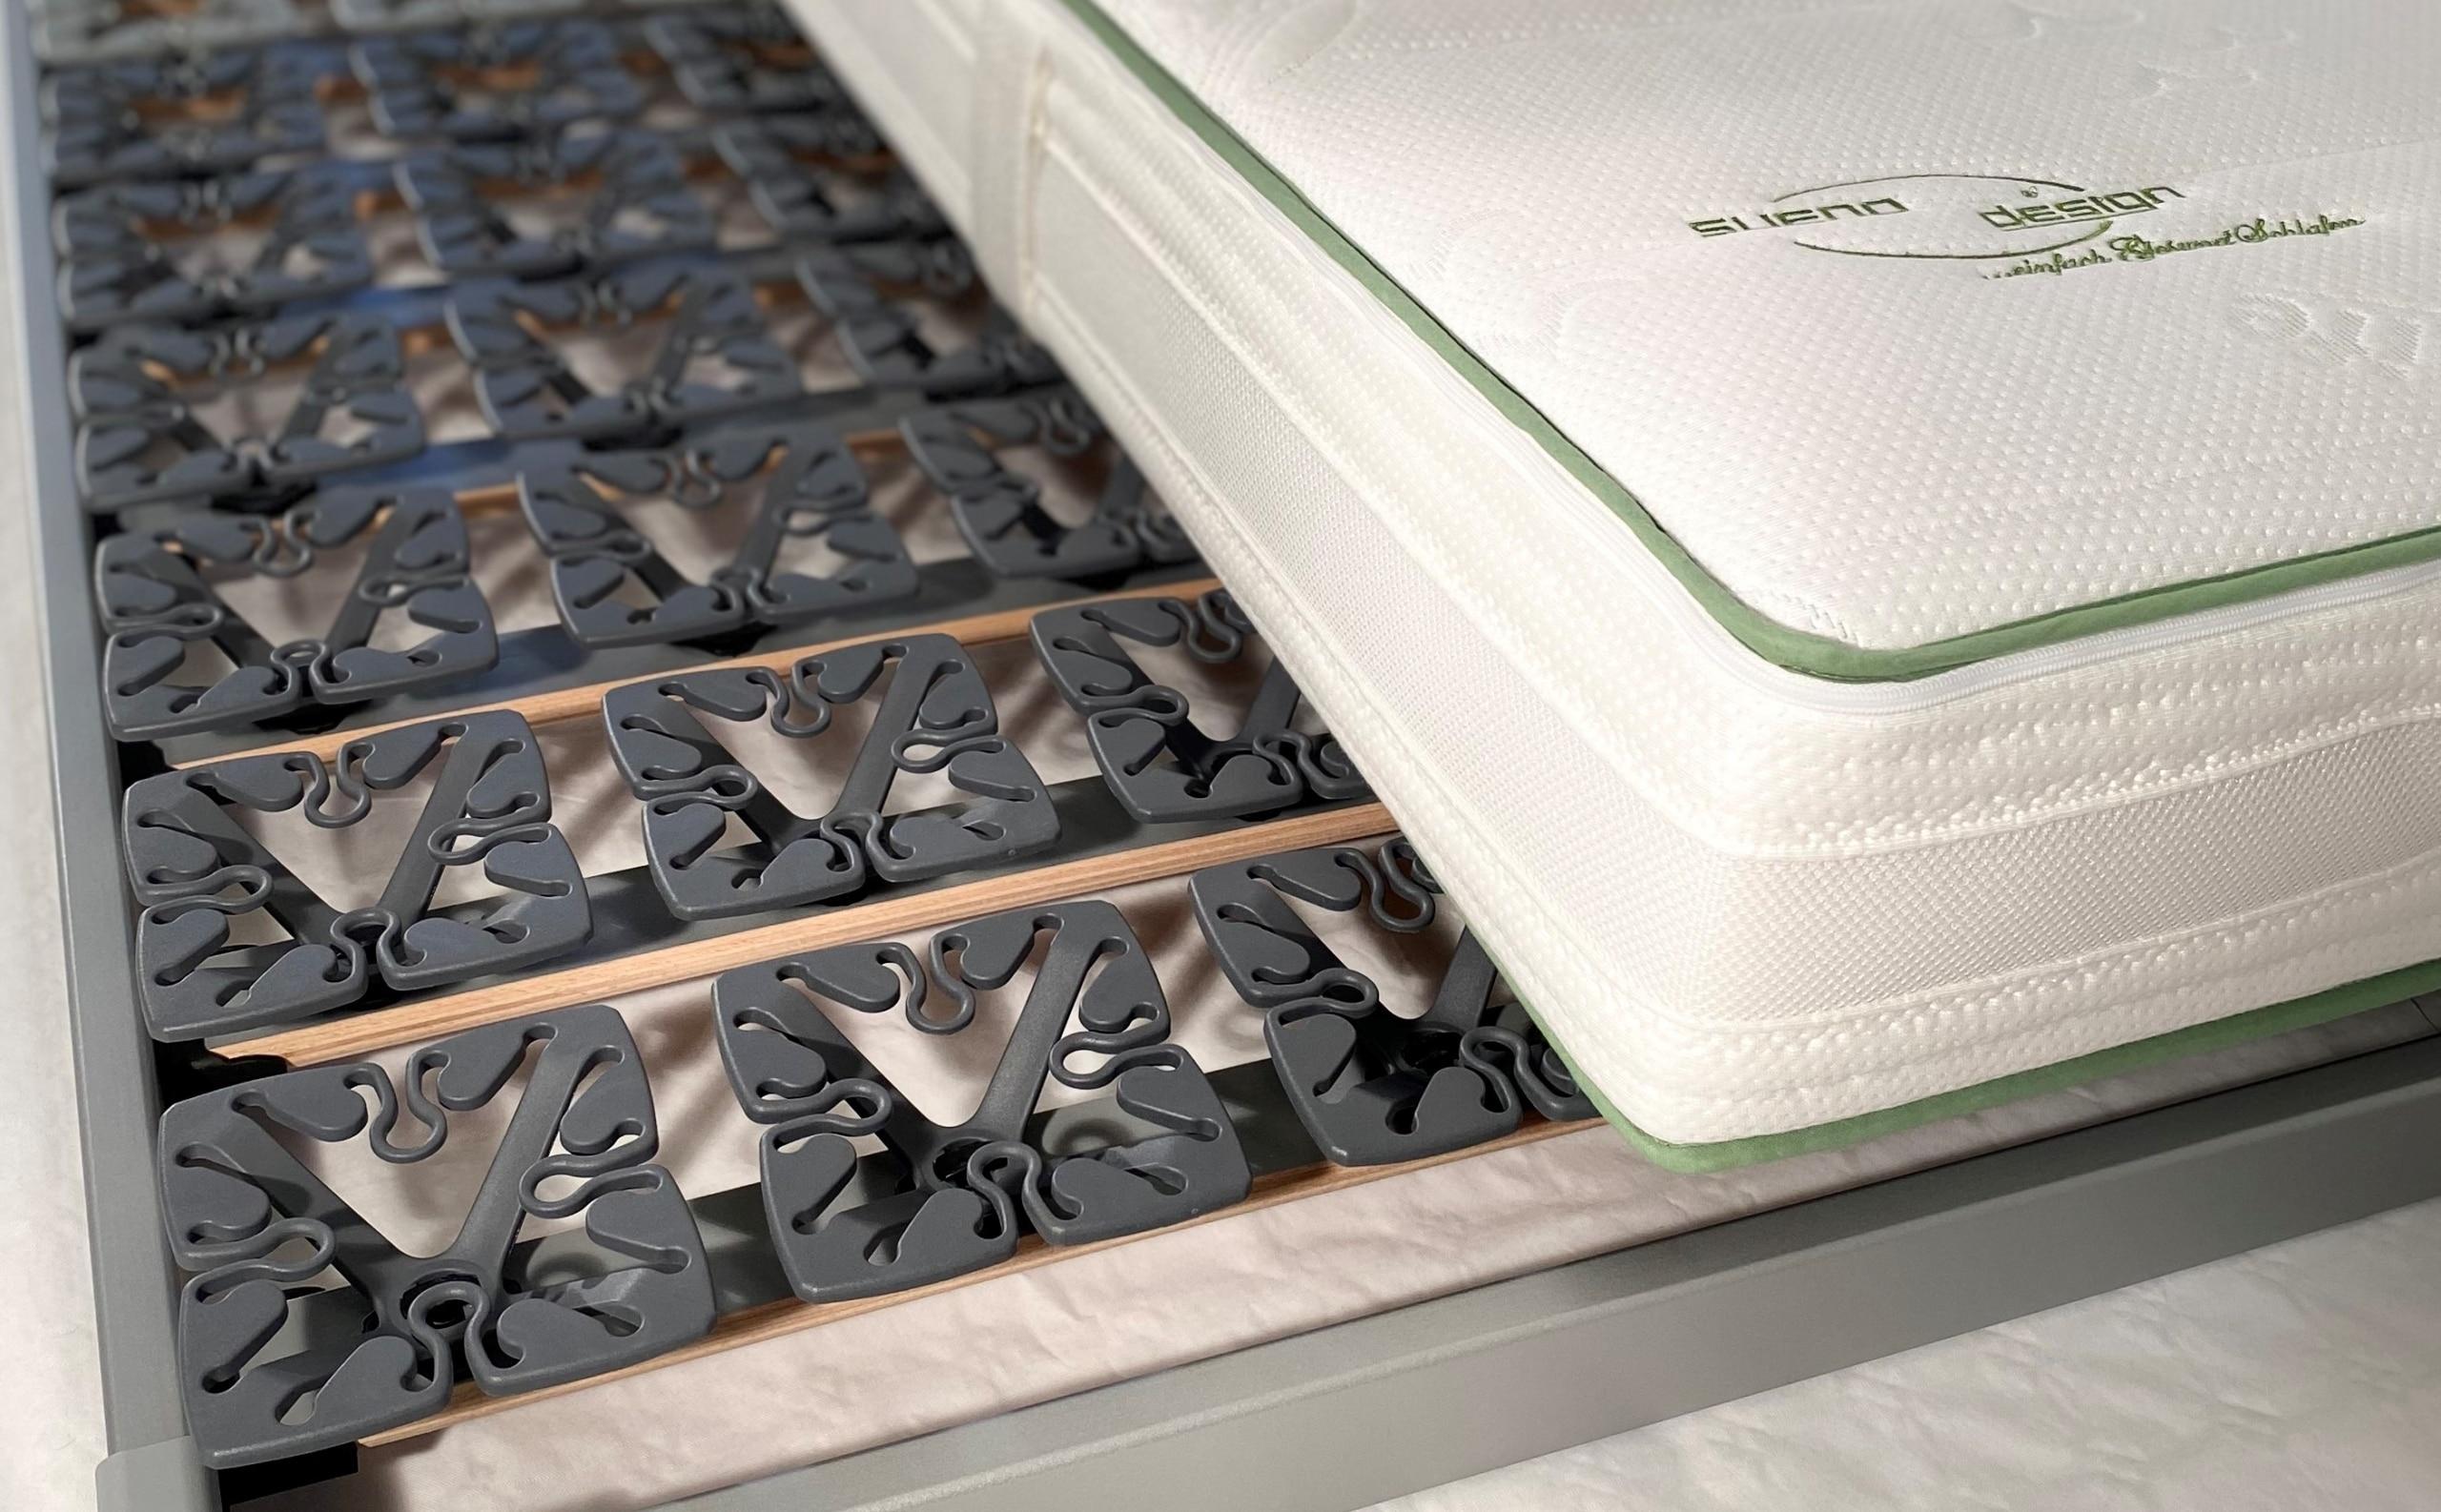 Lattenrost/Betteinsatz aus der Region Sauwald